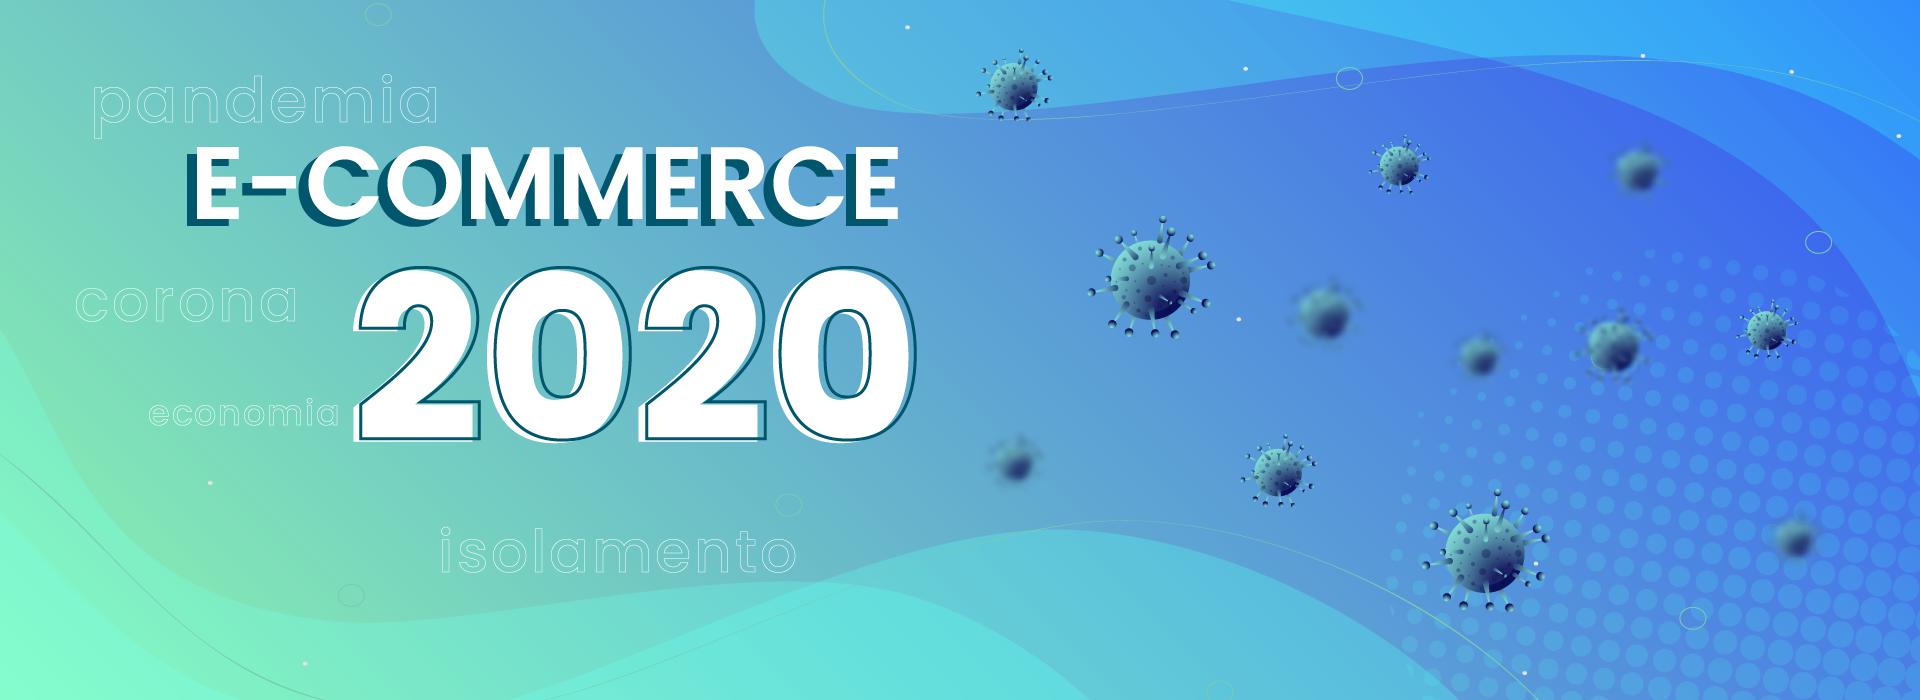 EXPECTATIVAS MERCADO LIVRE 2021